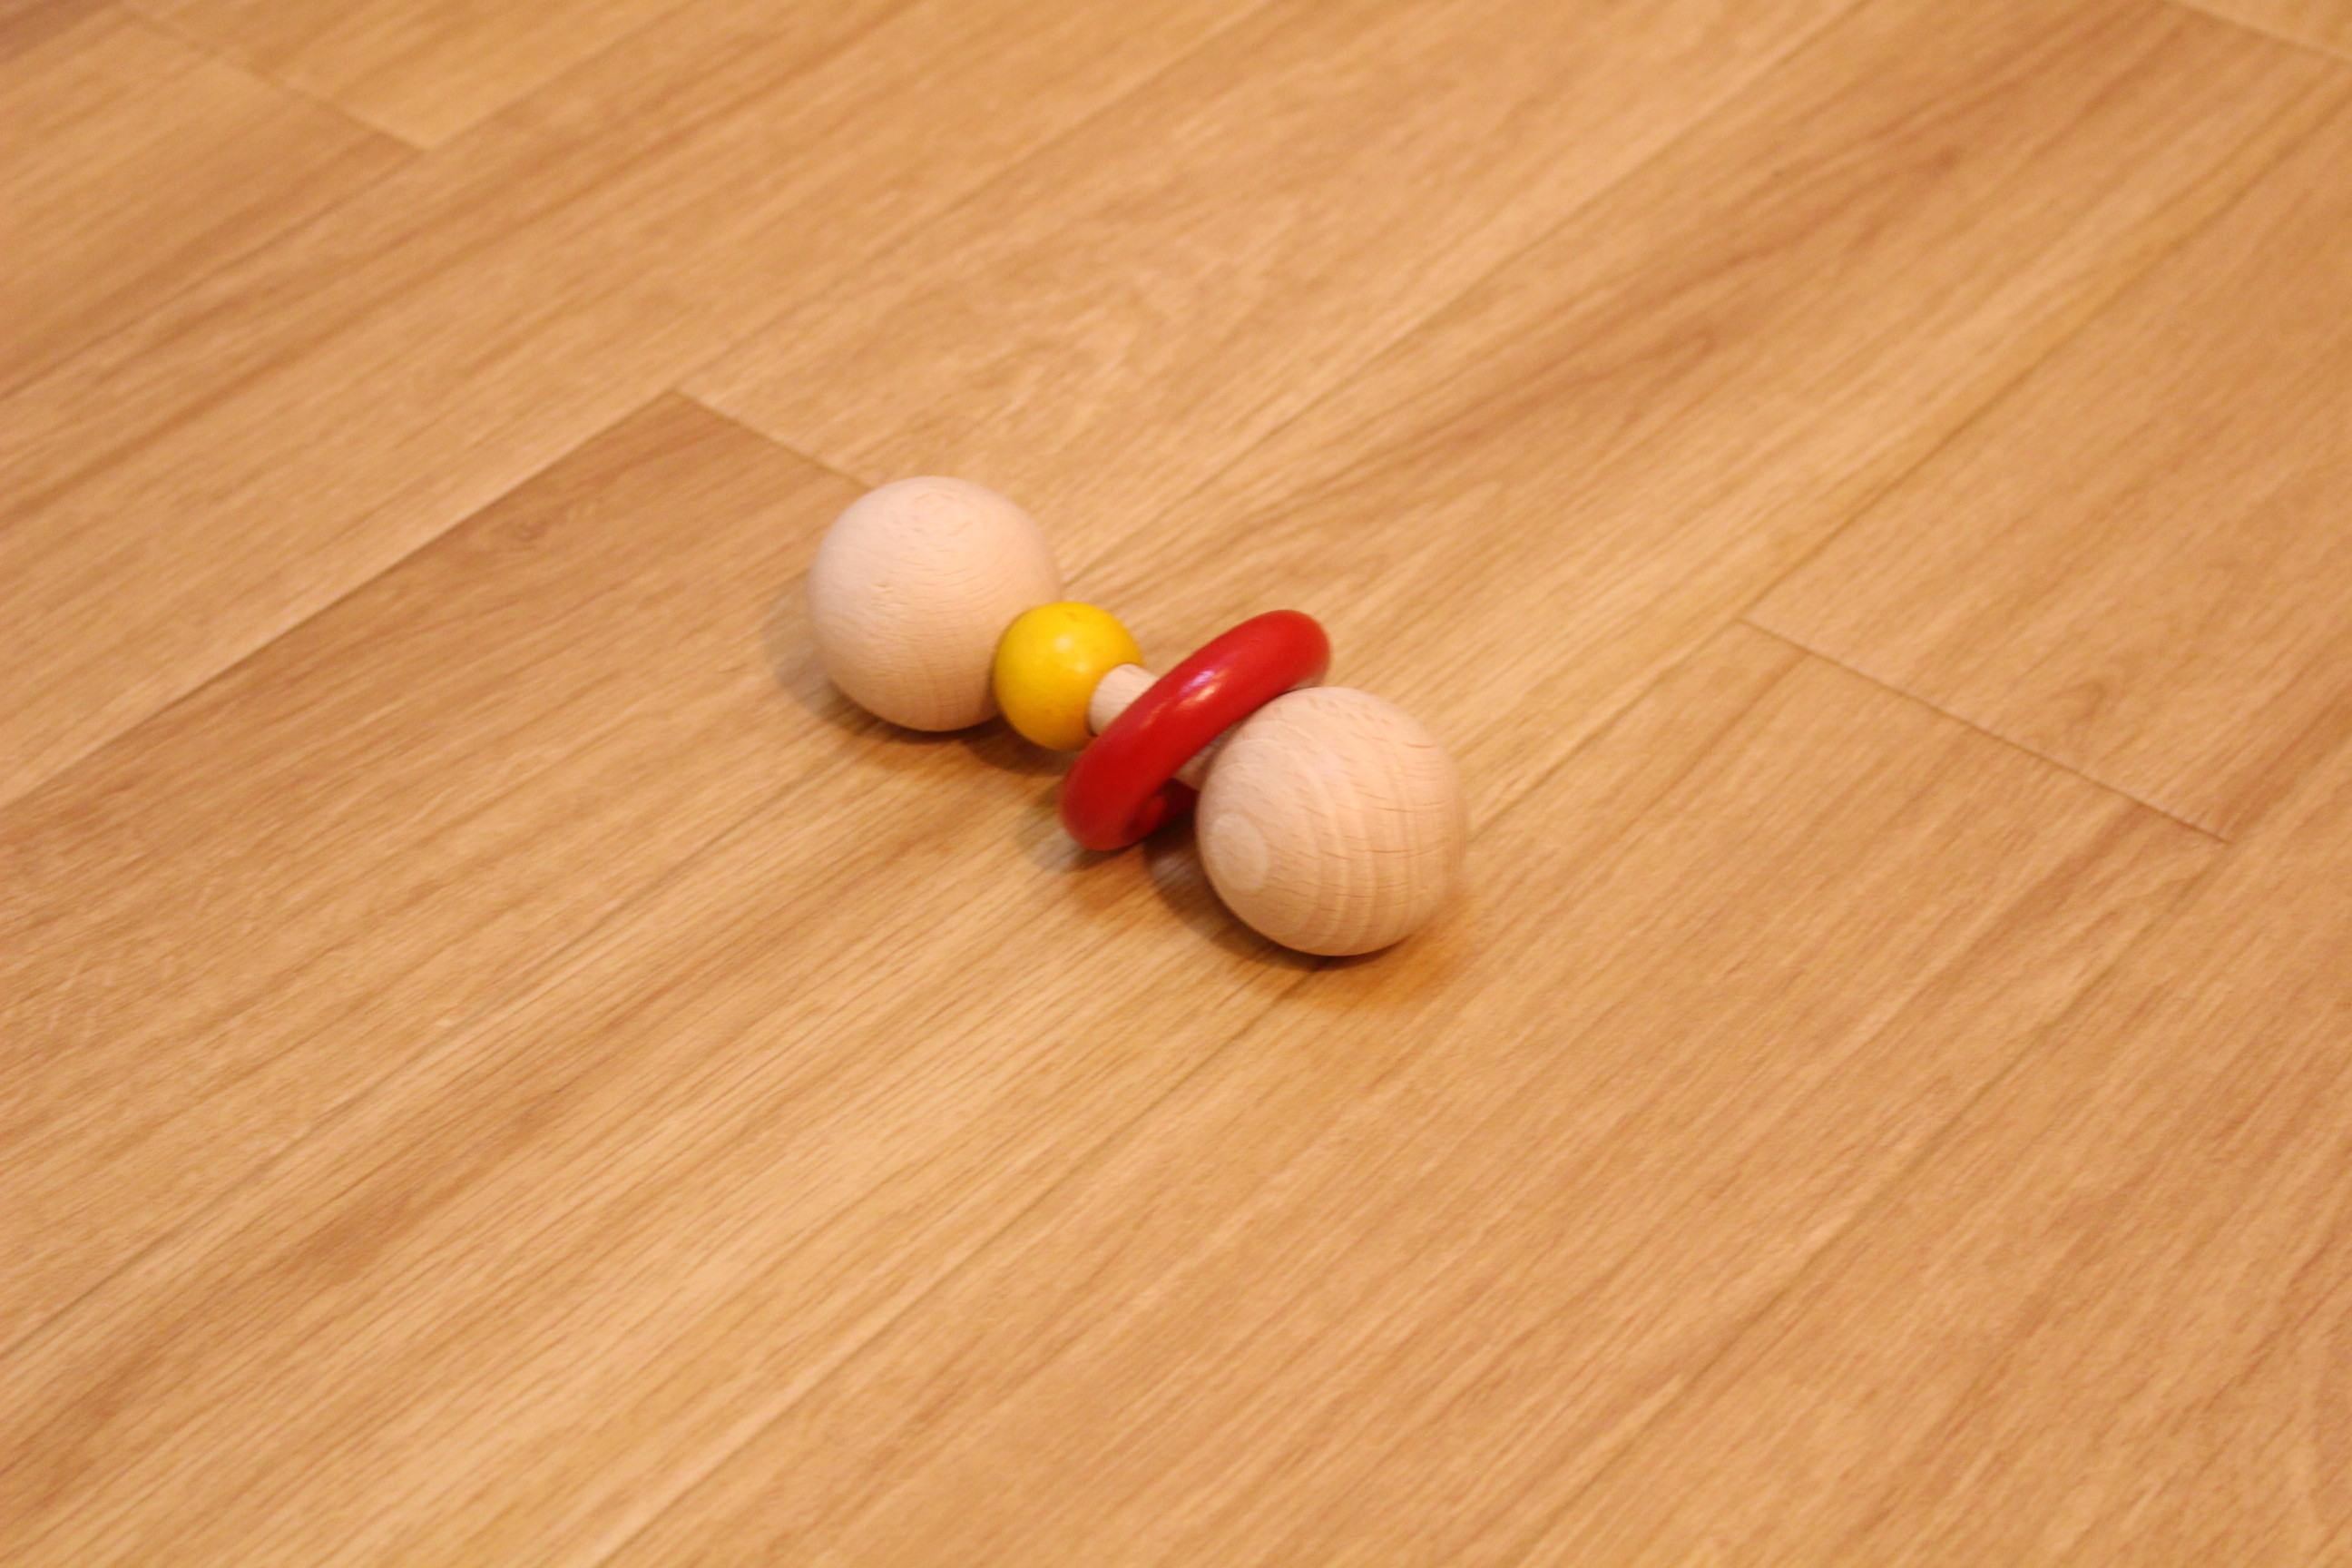 ボール - 画像3